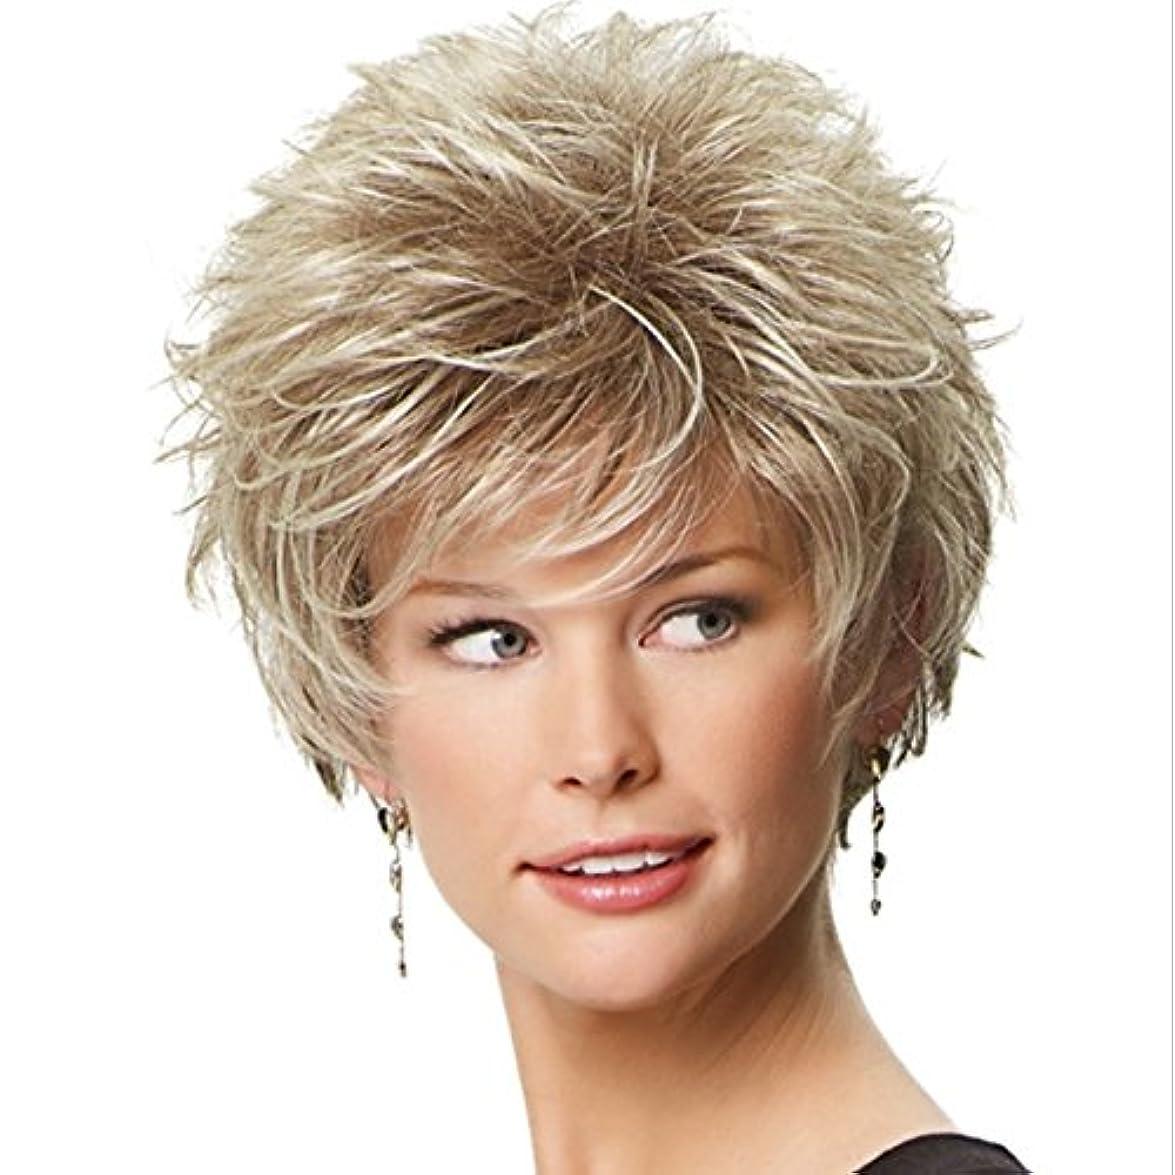 昆虫導出不承認YOUQIU 女性の10インチ/ 11inch用エアフラッツ前髪ウィッグ耐熱ウィッグふわふわで女子ショートカーリーヘアウィッグエレガント(灰色がかった白、金色)ウィッグ (色 : Golden)